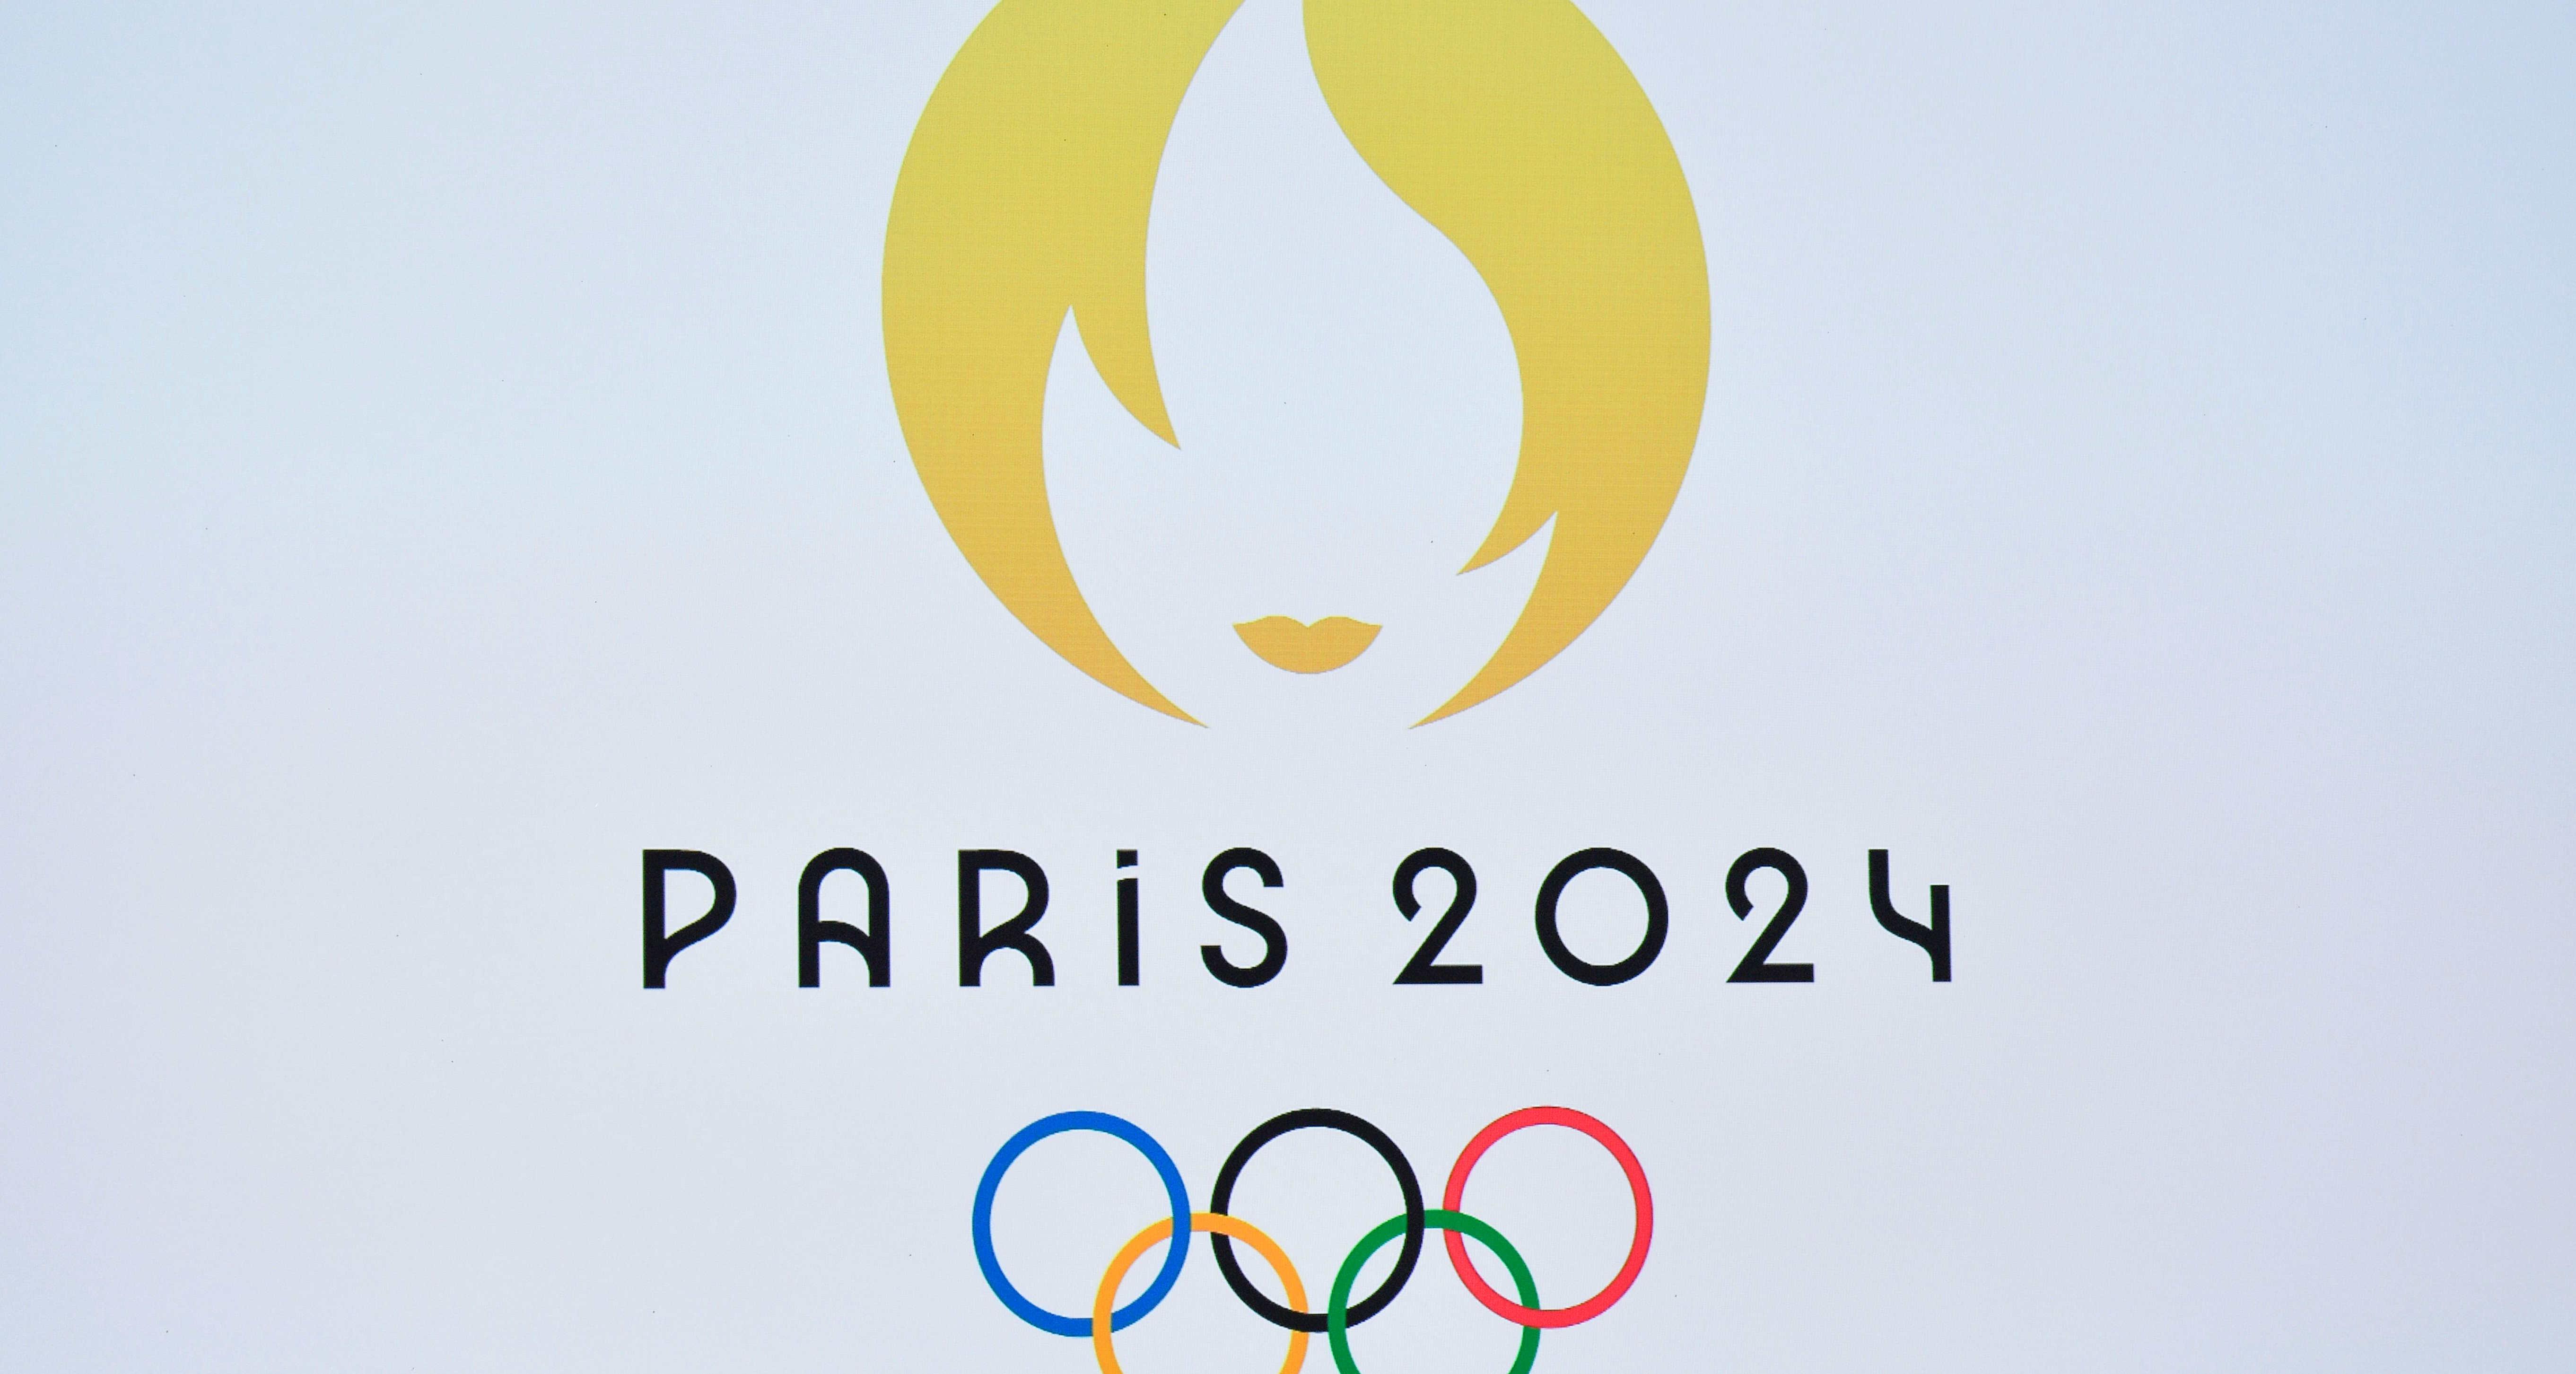 巴黎奧組委發布2024年奧運會和殘奧會會徽